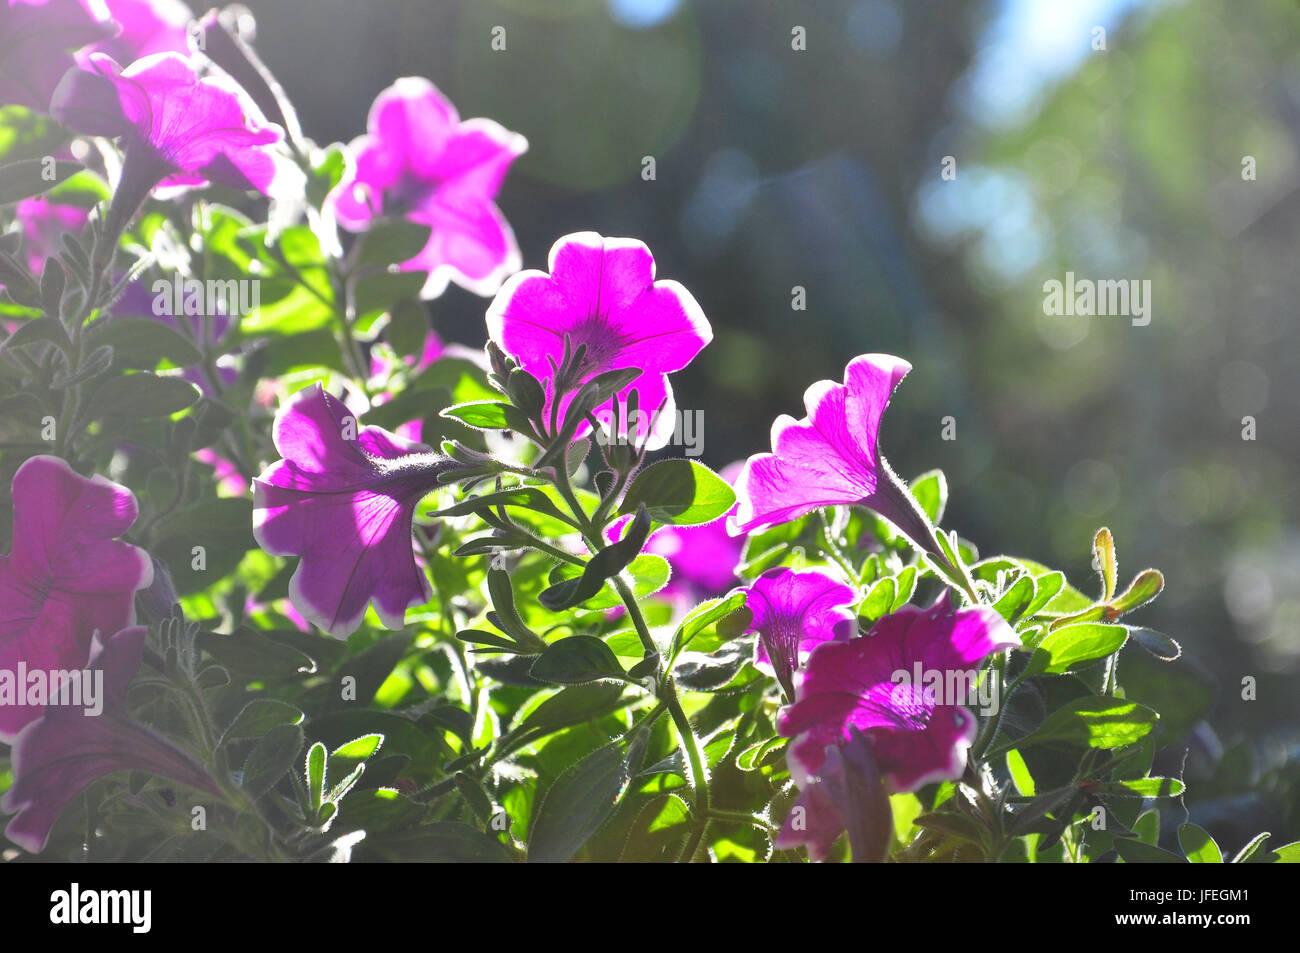 La Flore Petunia De Couleur Rose Fleur Banque D Images Photo